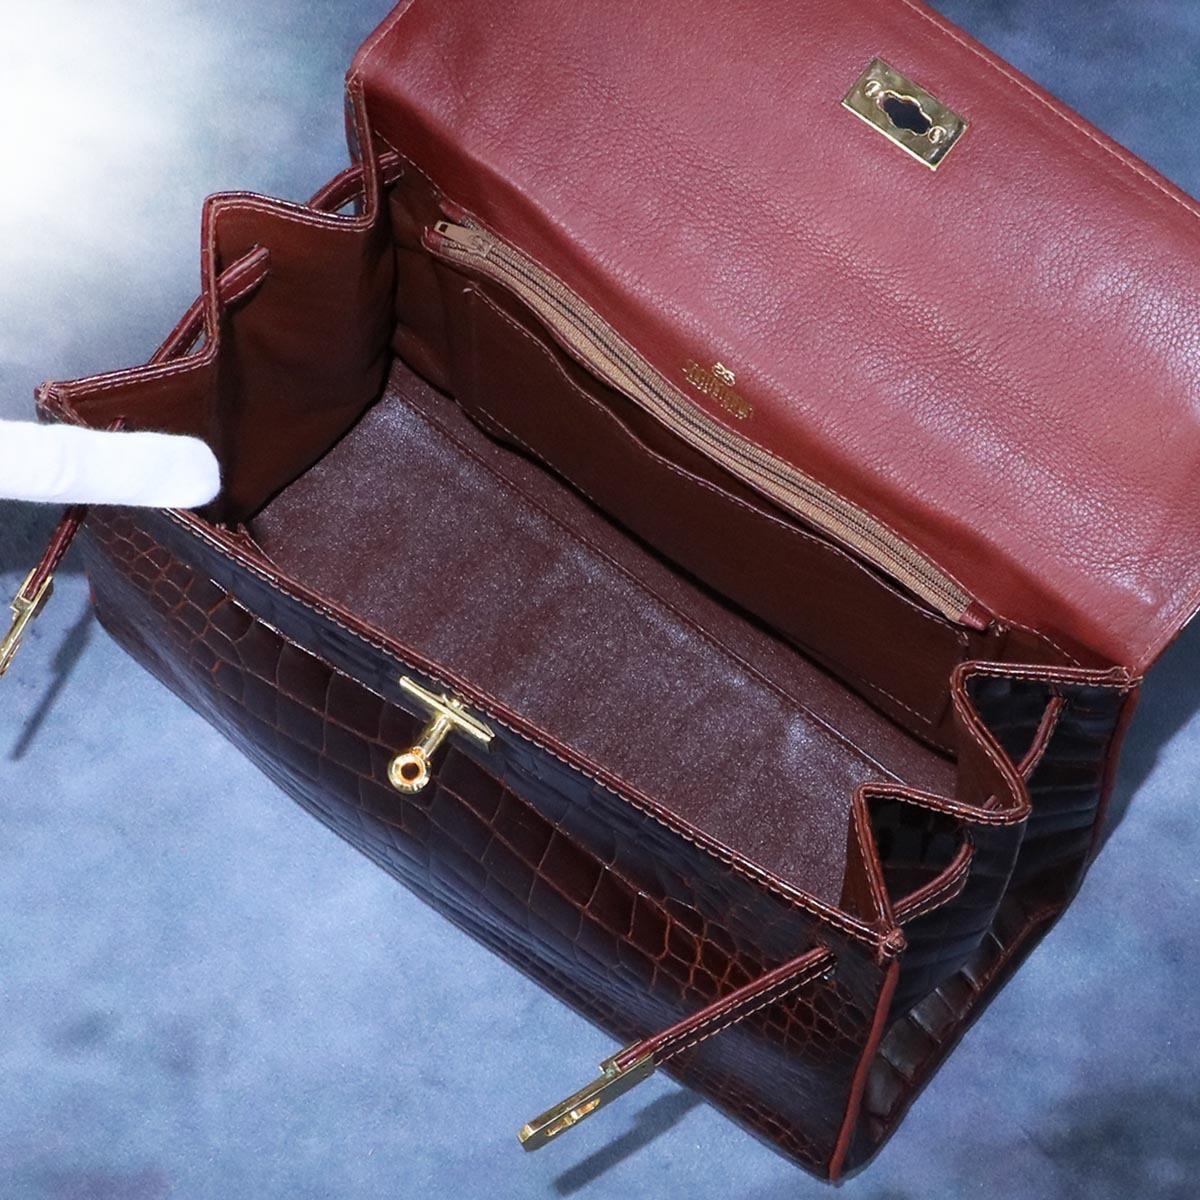 本物 超美品 最高級イタリア製 クロコダイルレザー 鍵付き ケリーバッグ ハンドバッグ 総ワニ革 クロコレザー トートバッグ_画像8